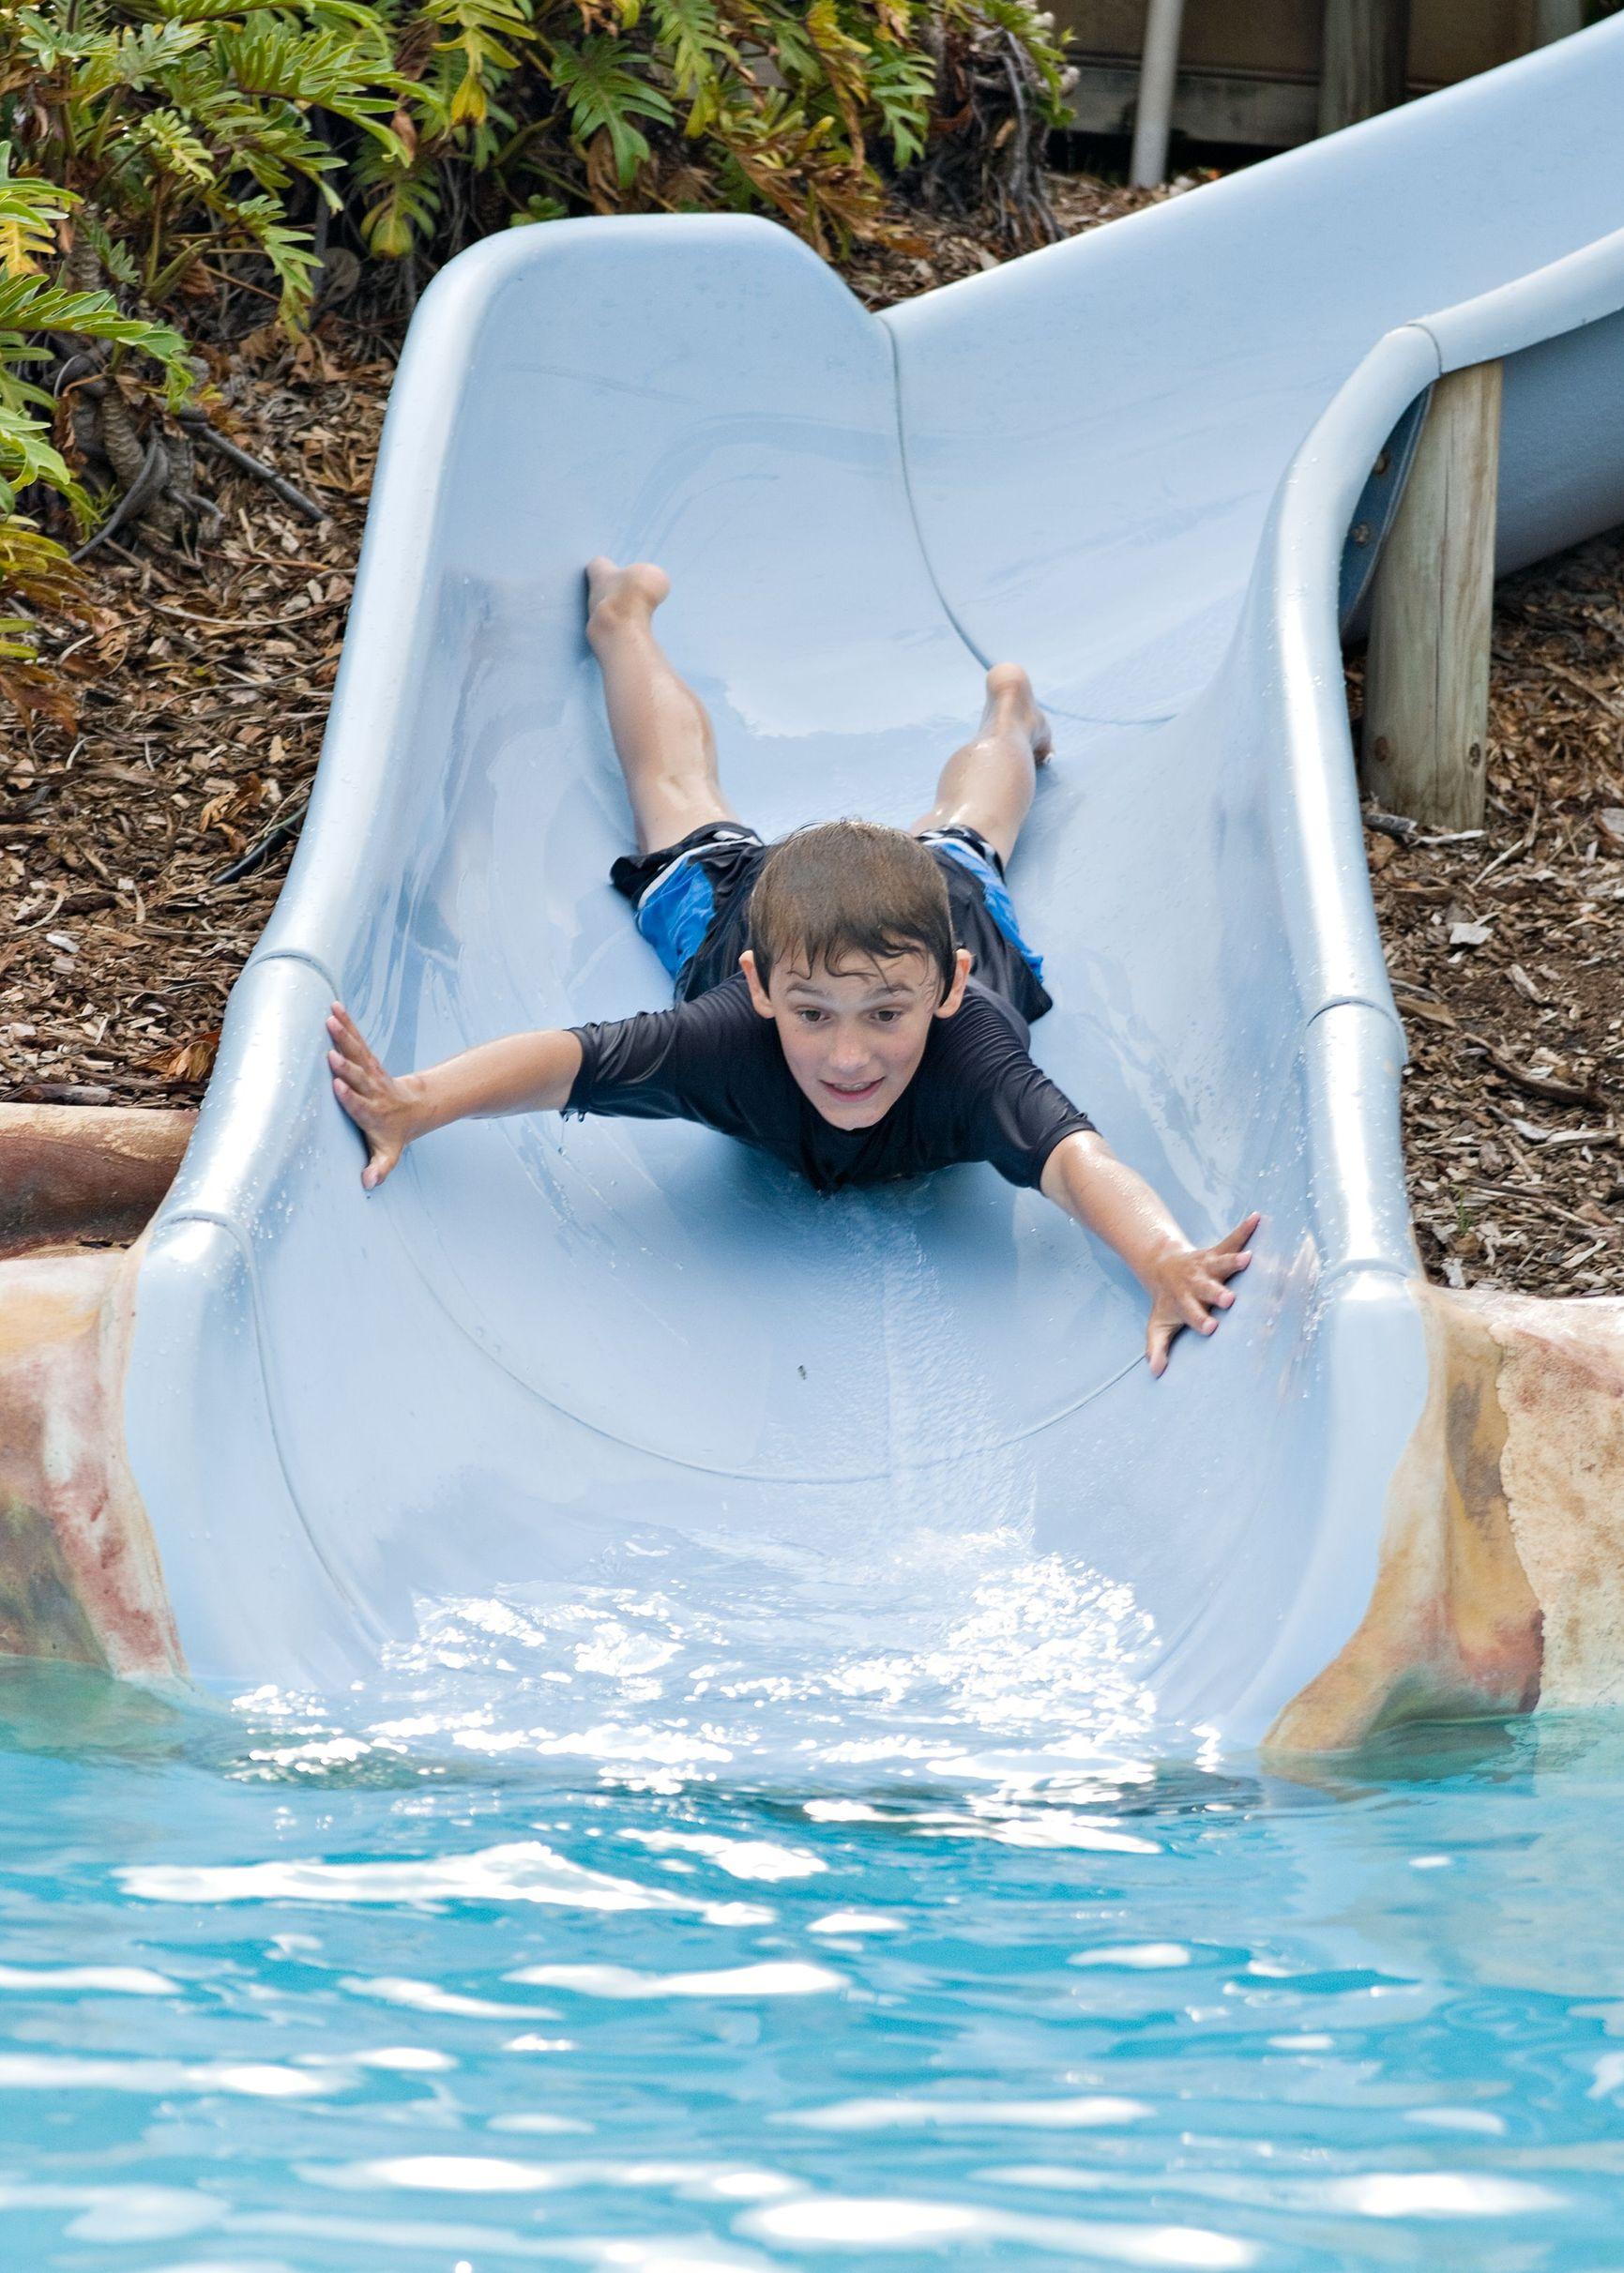 Accesorios y complementos para tener una piscina ideal